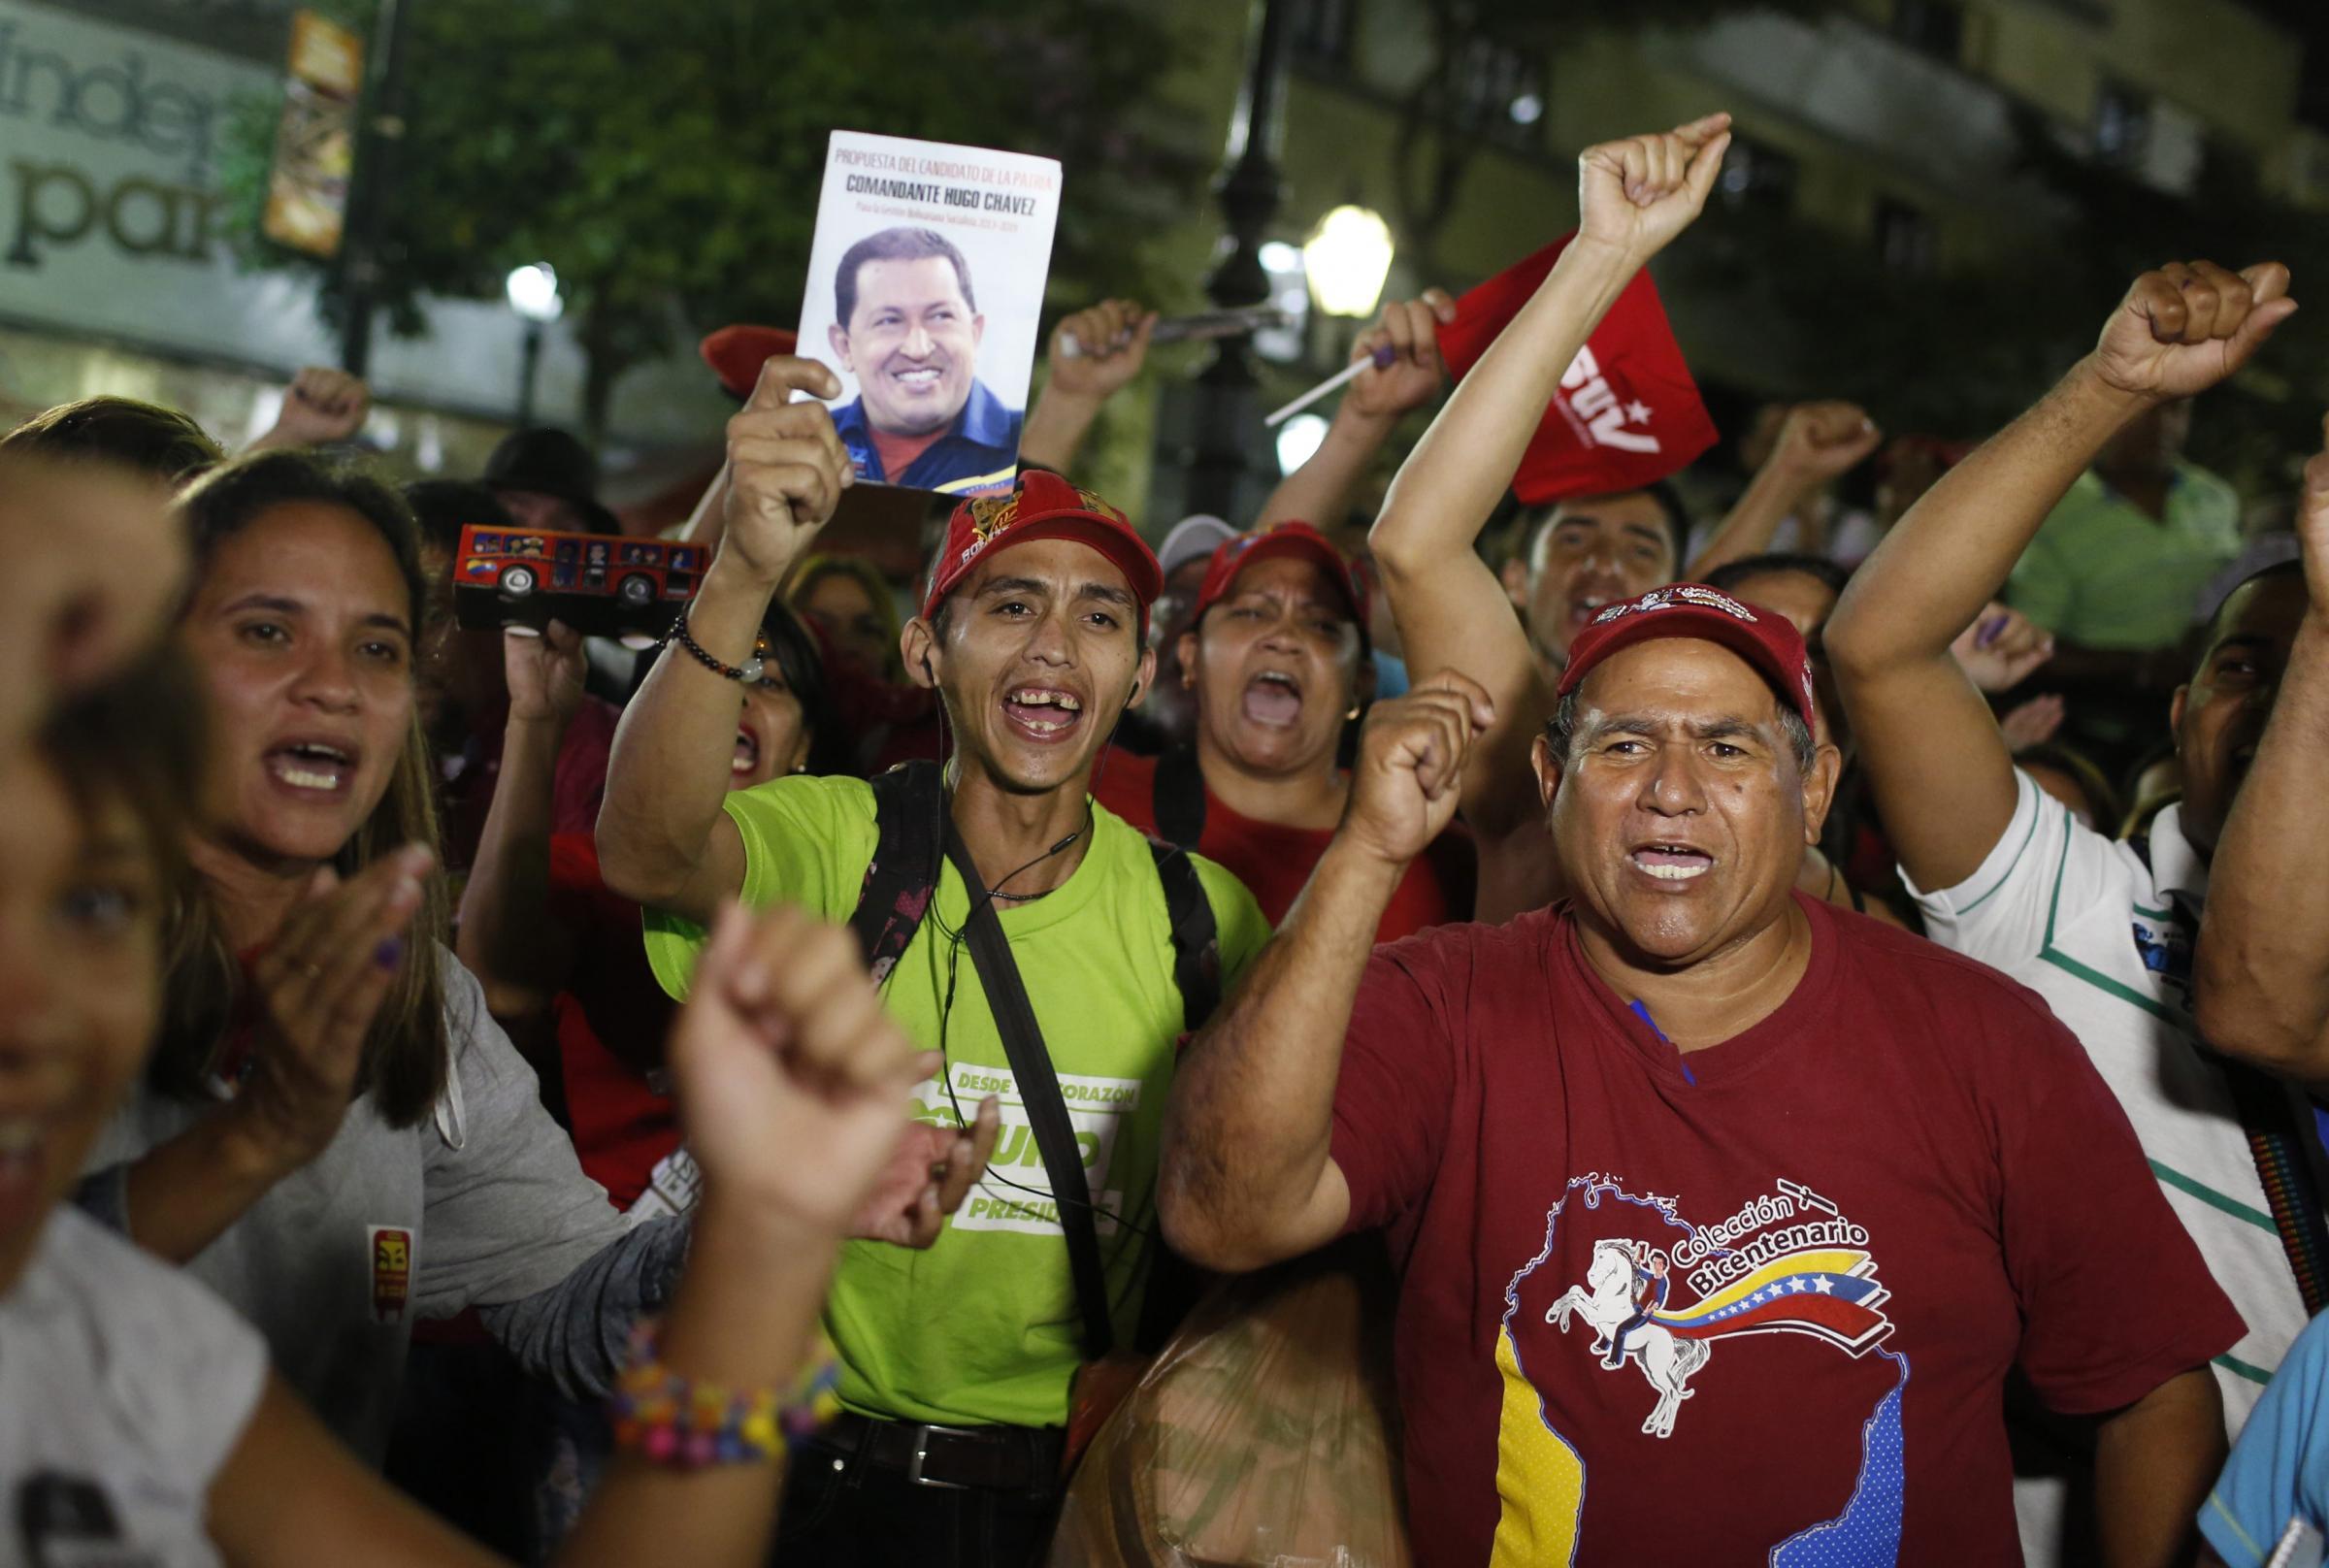 委内瑞拉选后局势动荡7人死亡马杜罗谴责美国支持暴力抗议[1]-+中文